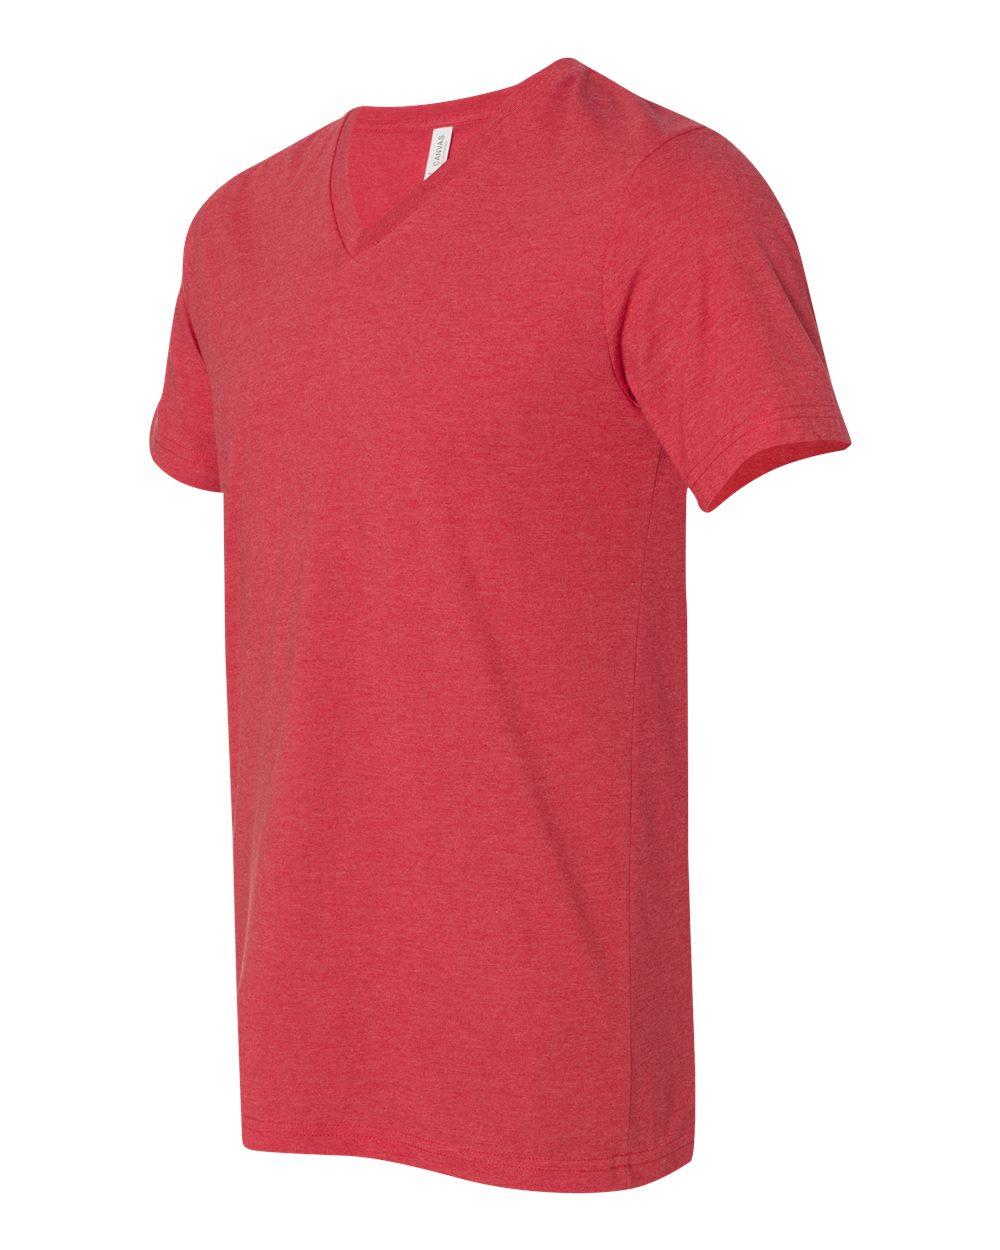 Bella-Canvas-Men-039-s-Jersey-Short-Sleeve-V-Neck-T-Shirt-3005-XS-3XL thumbnail 118